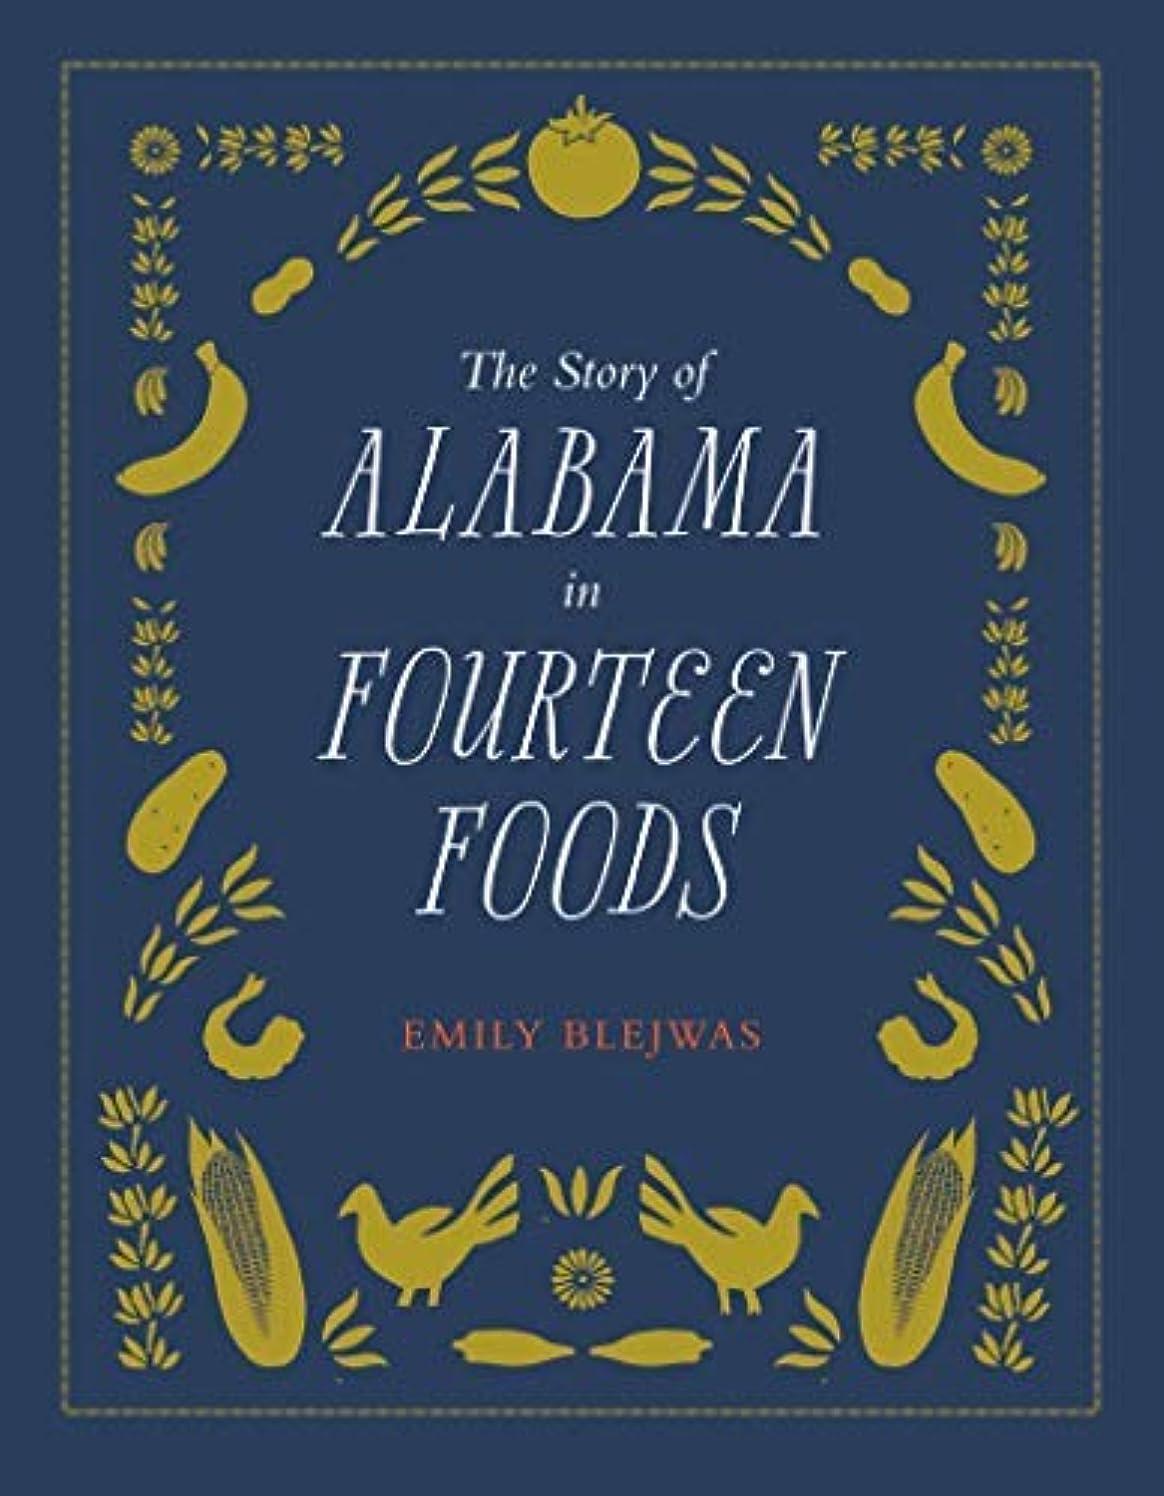 秘書お金ゴムだますThe Story of Alabama in Fourteen Foods (English Edition)